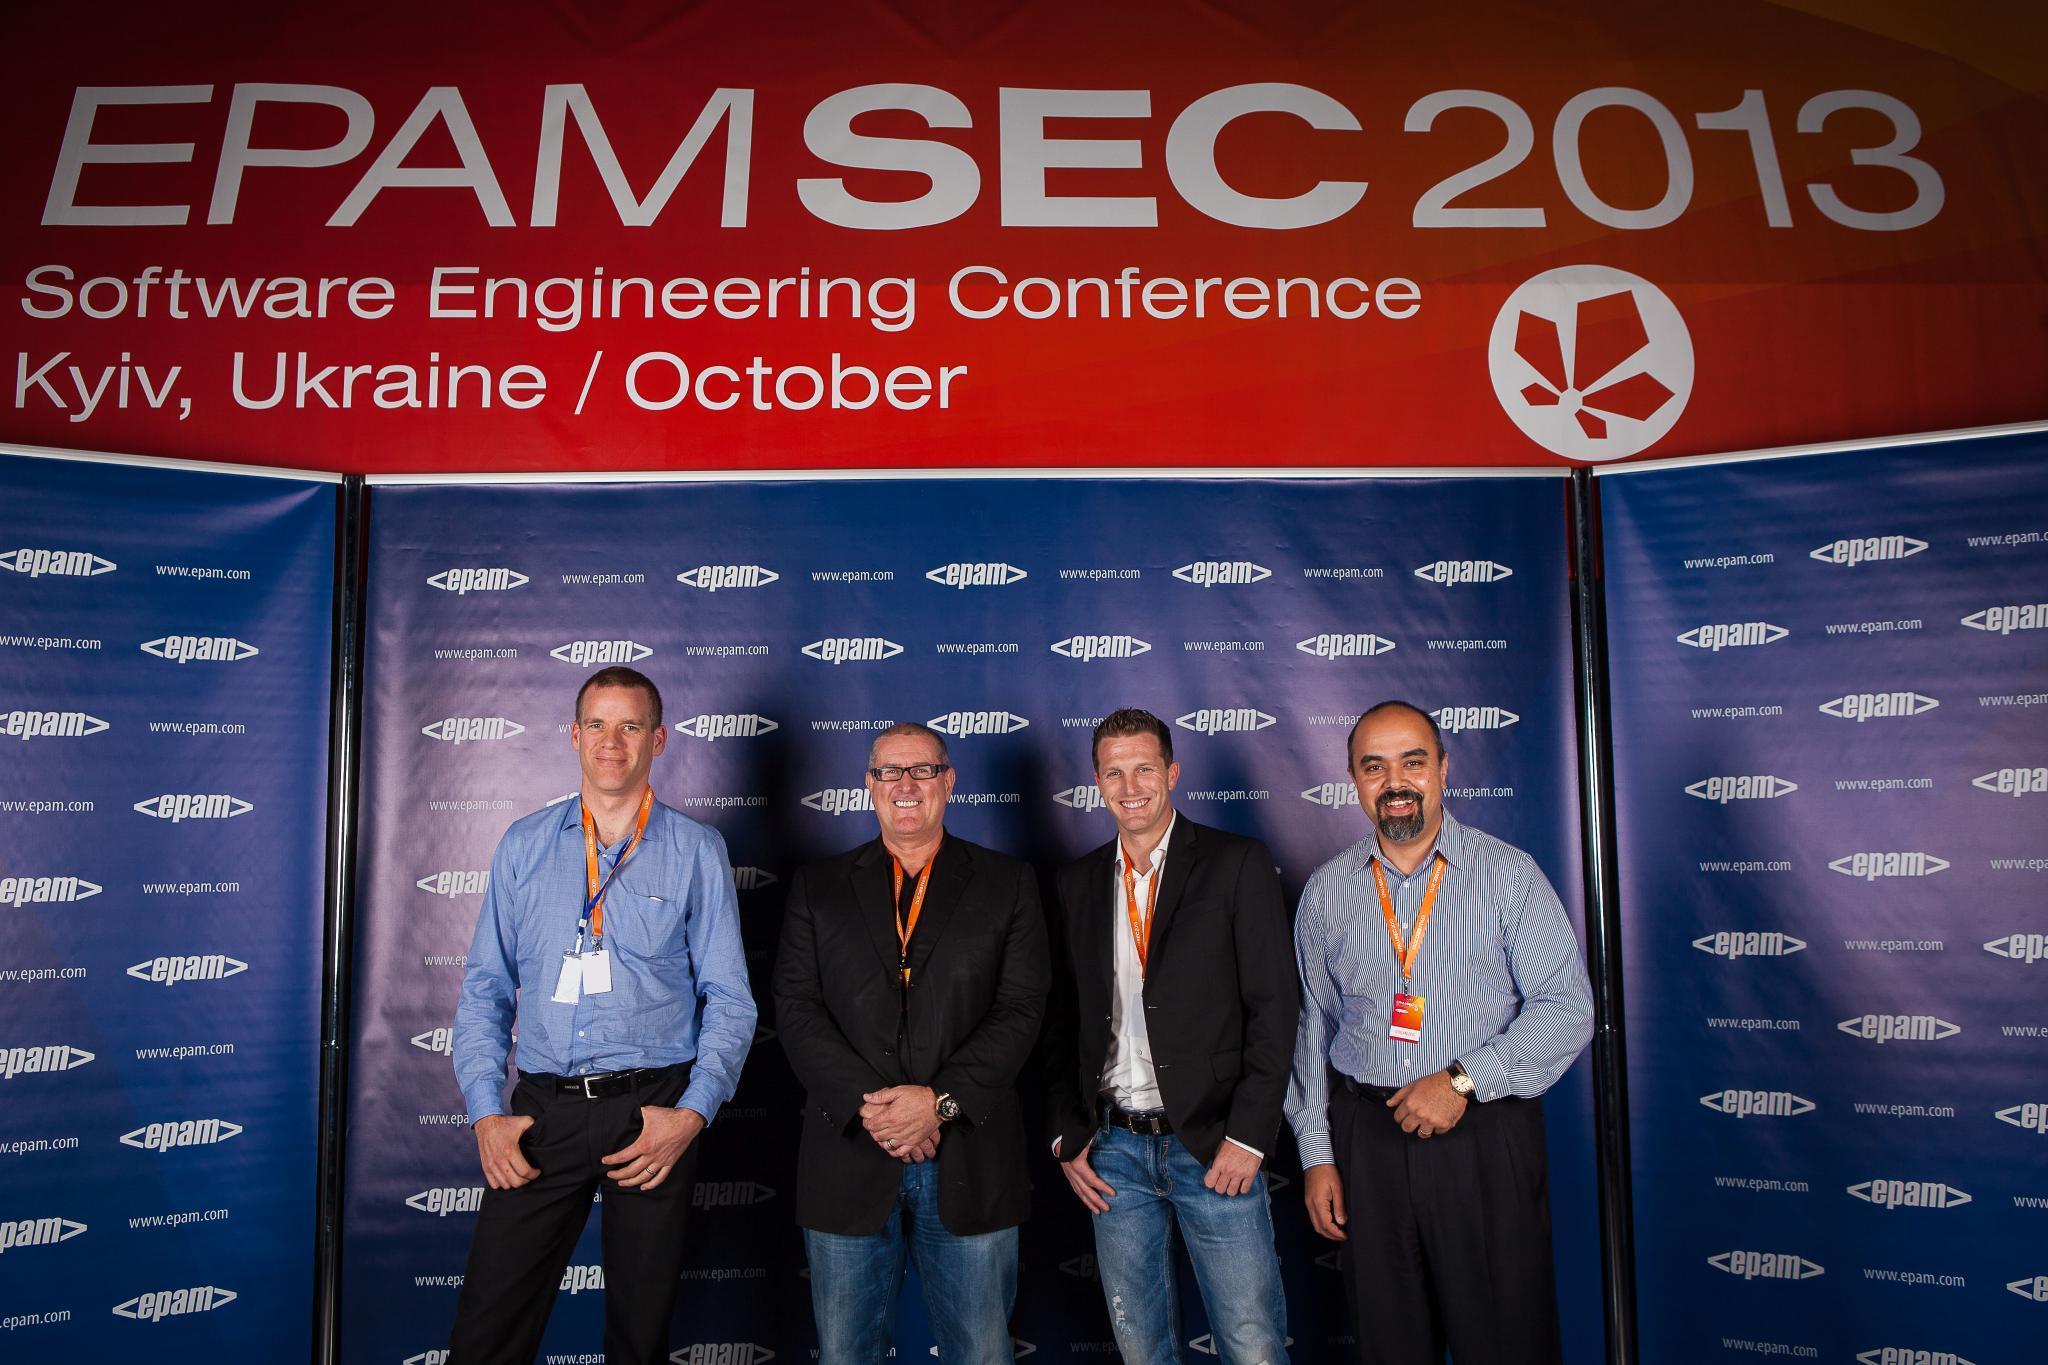 Конференция SEC в 2013 году